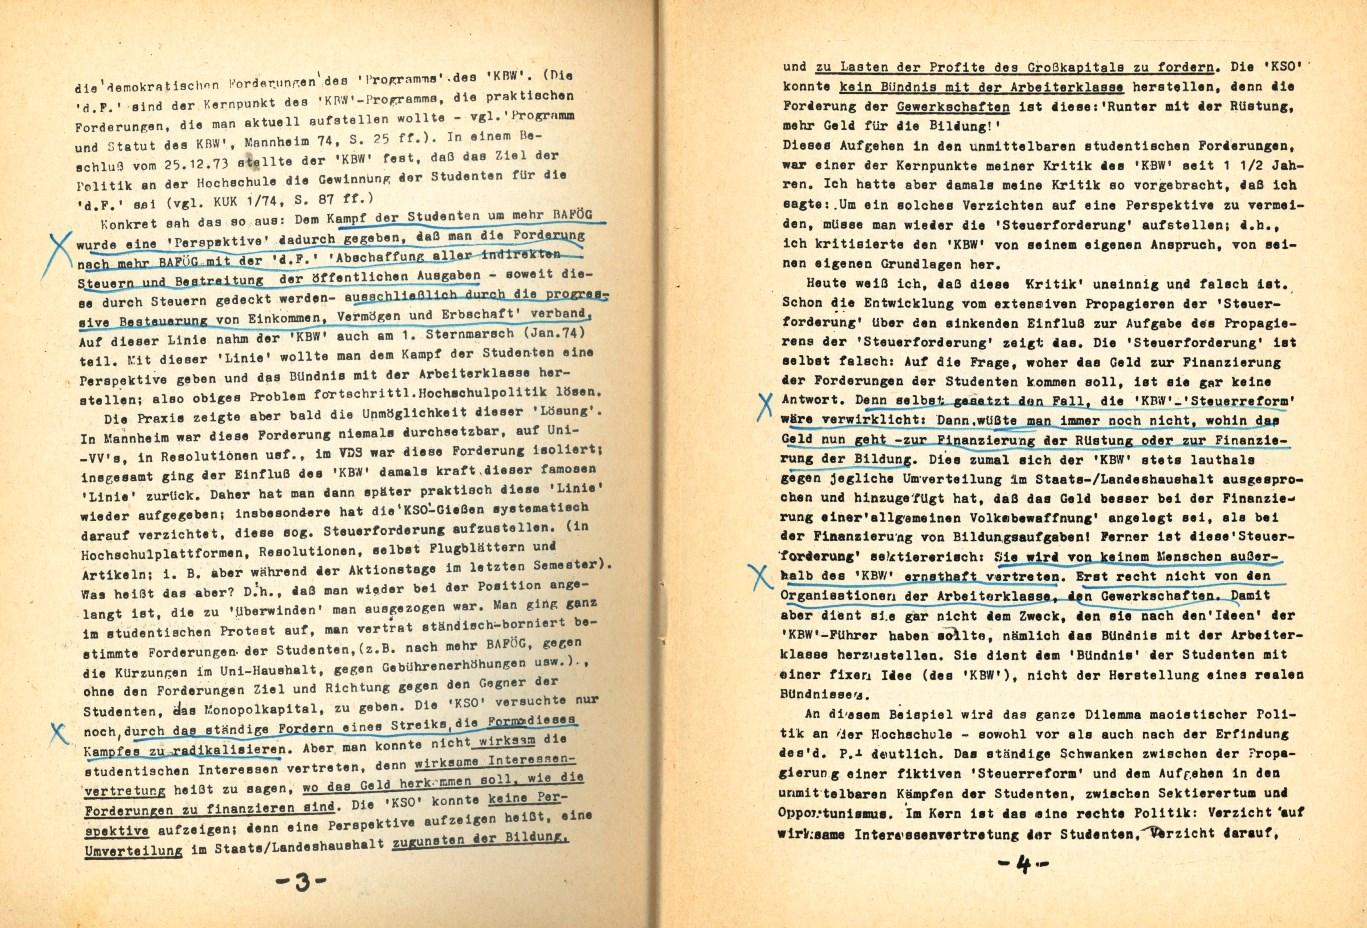 Giessen_MSB_1976_Der_KBW_eine_rechte_Organisation_04